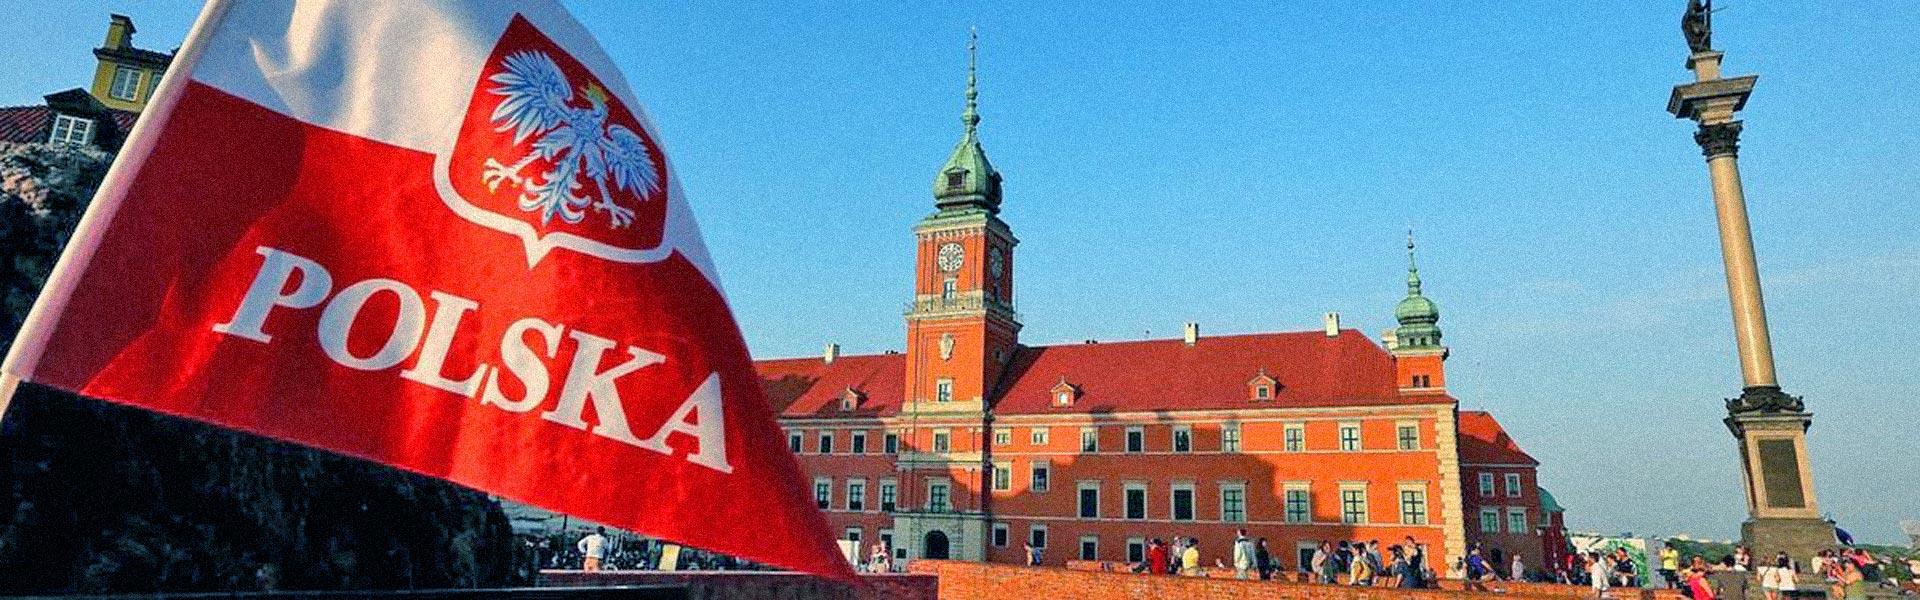 Во второй бывшей российской колонии наступает коммунизм